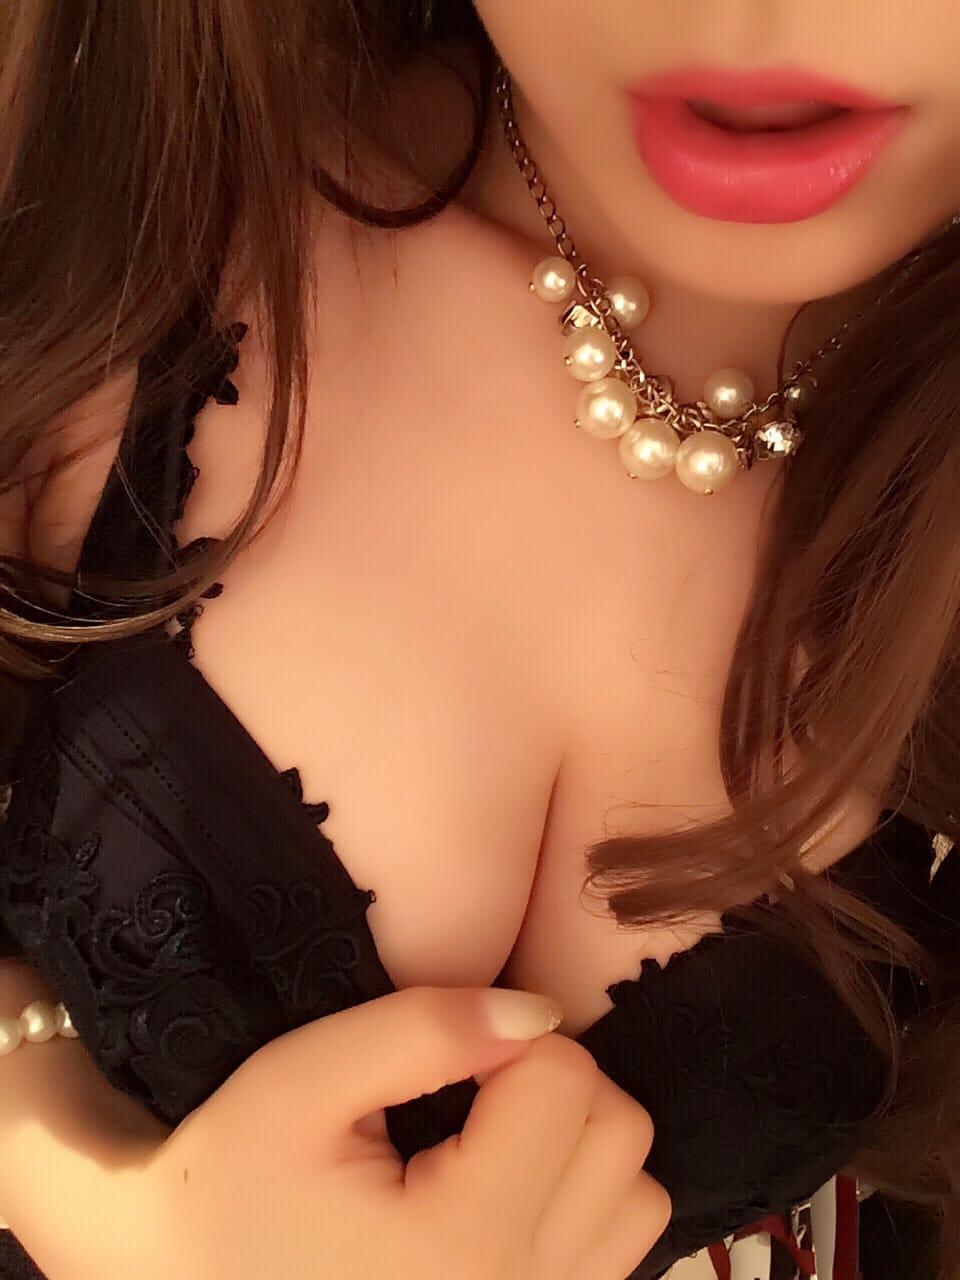 「*でちゃう♪*」02/24(土) 20:10   ことねの写メ・風俗動画